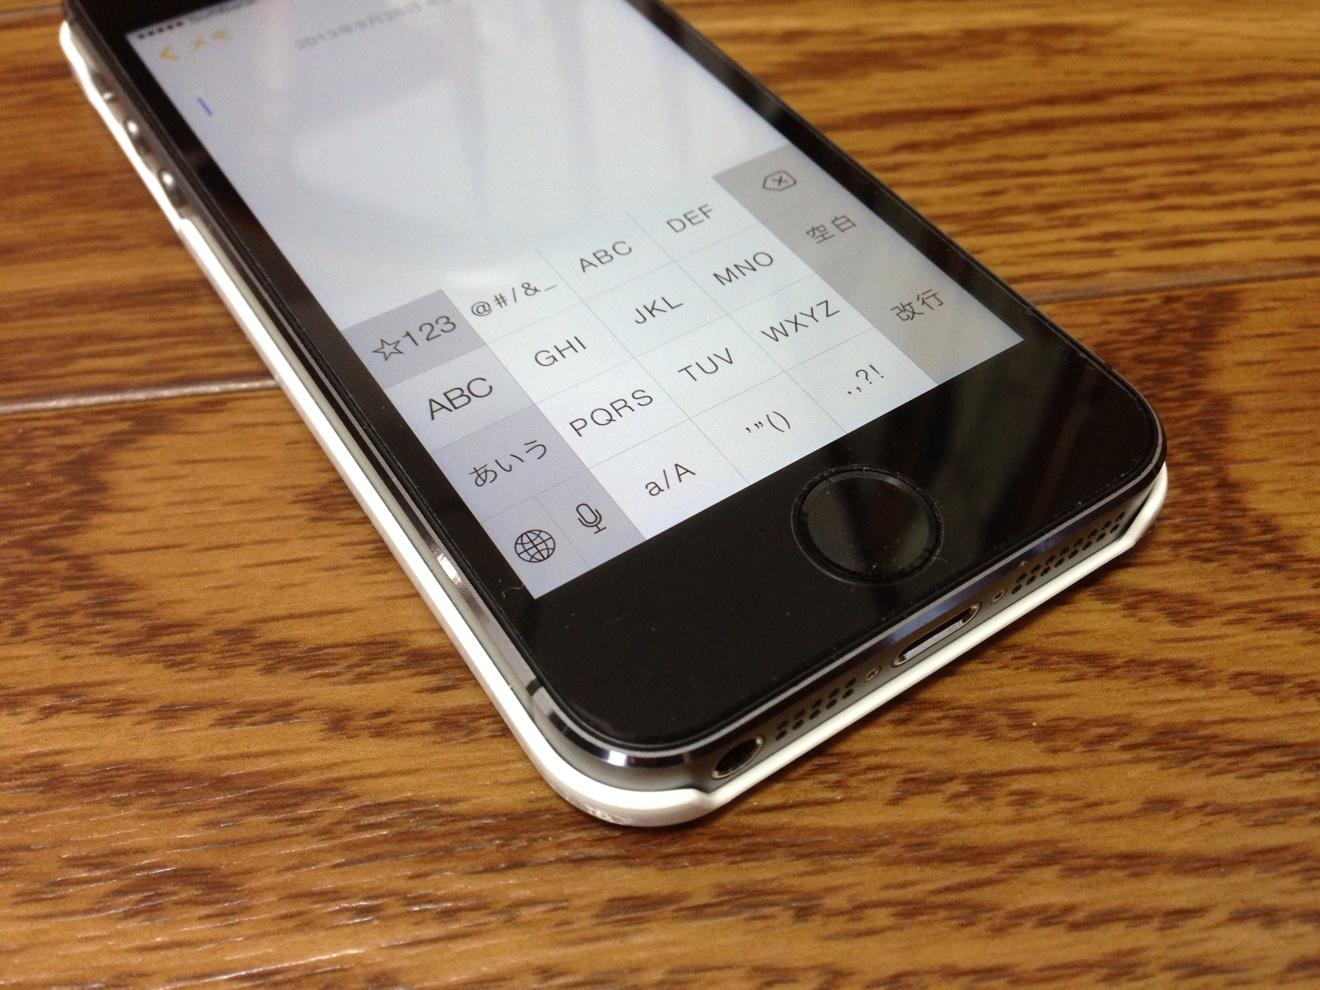 [Å]【総まとめ】iPhoneの文字入力を快適にするために使用している設定公開!